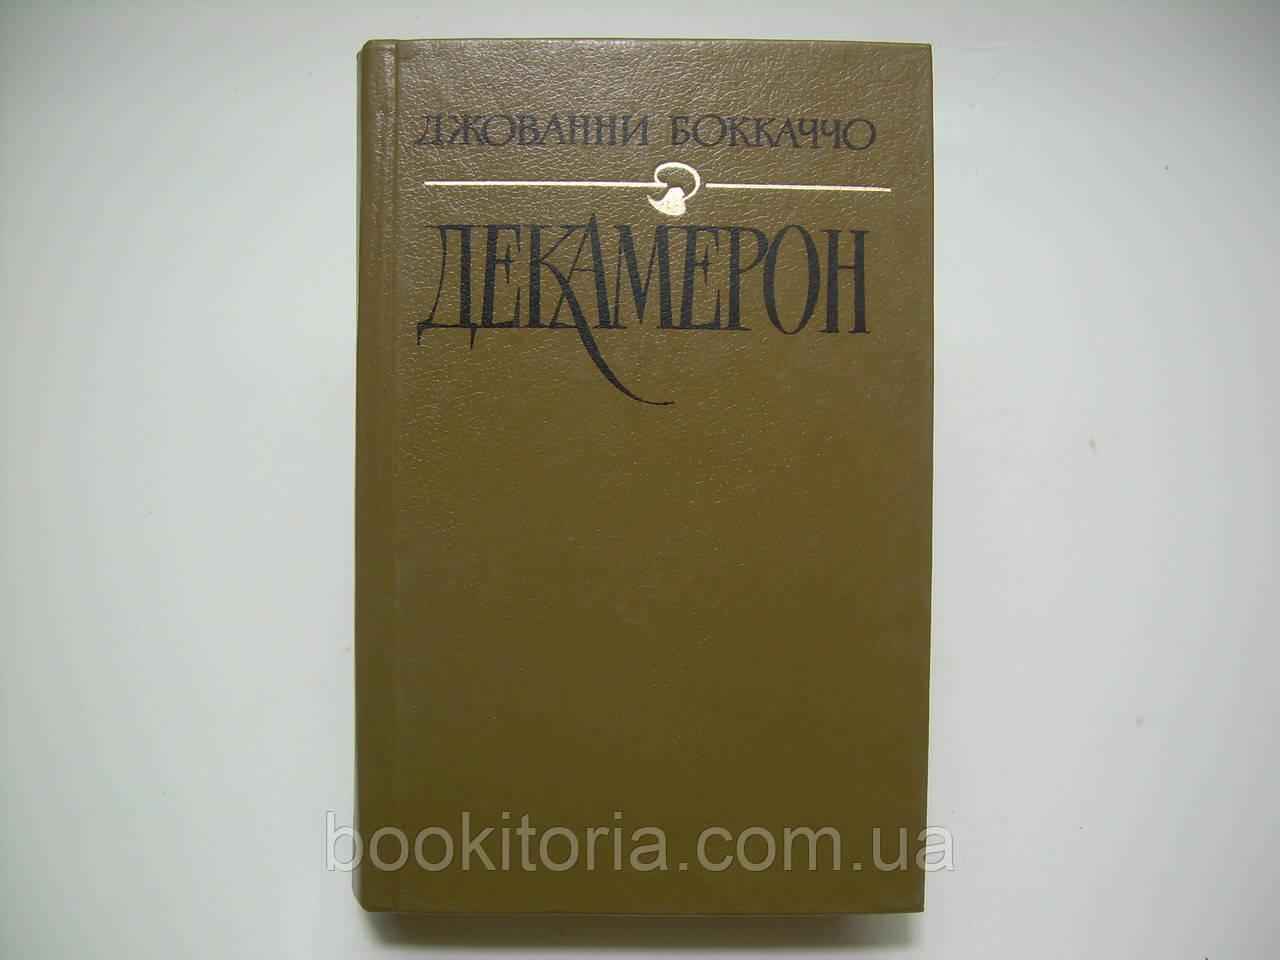 Боккаччо Дж. Декамерон (б/у).